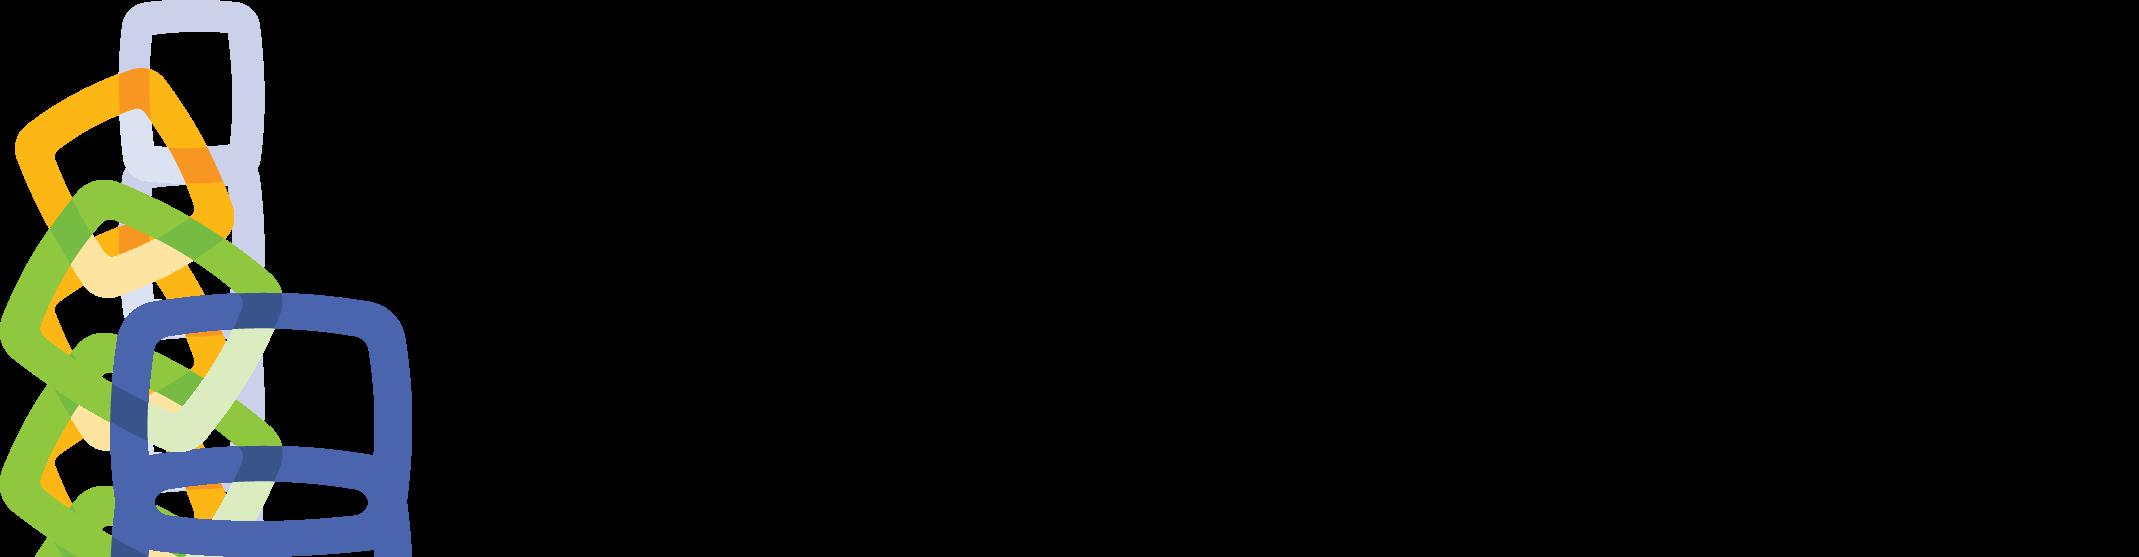 Widevine